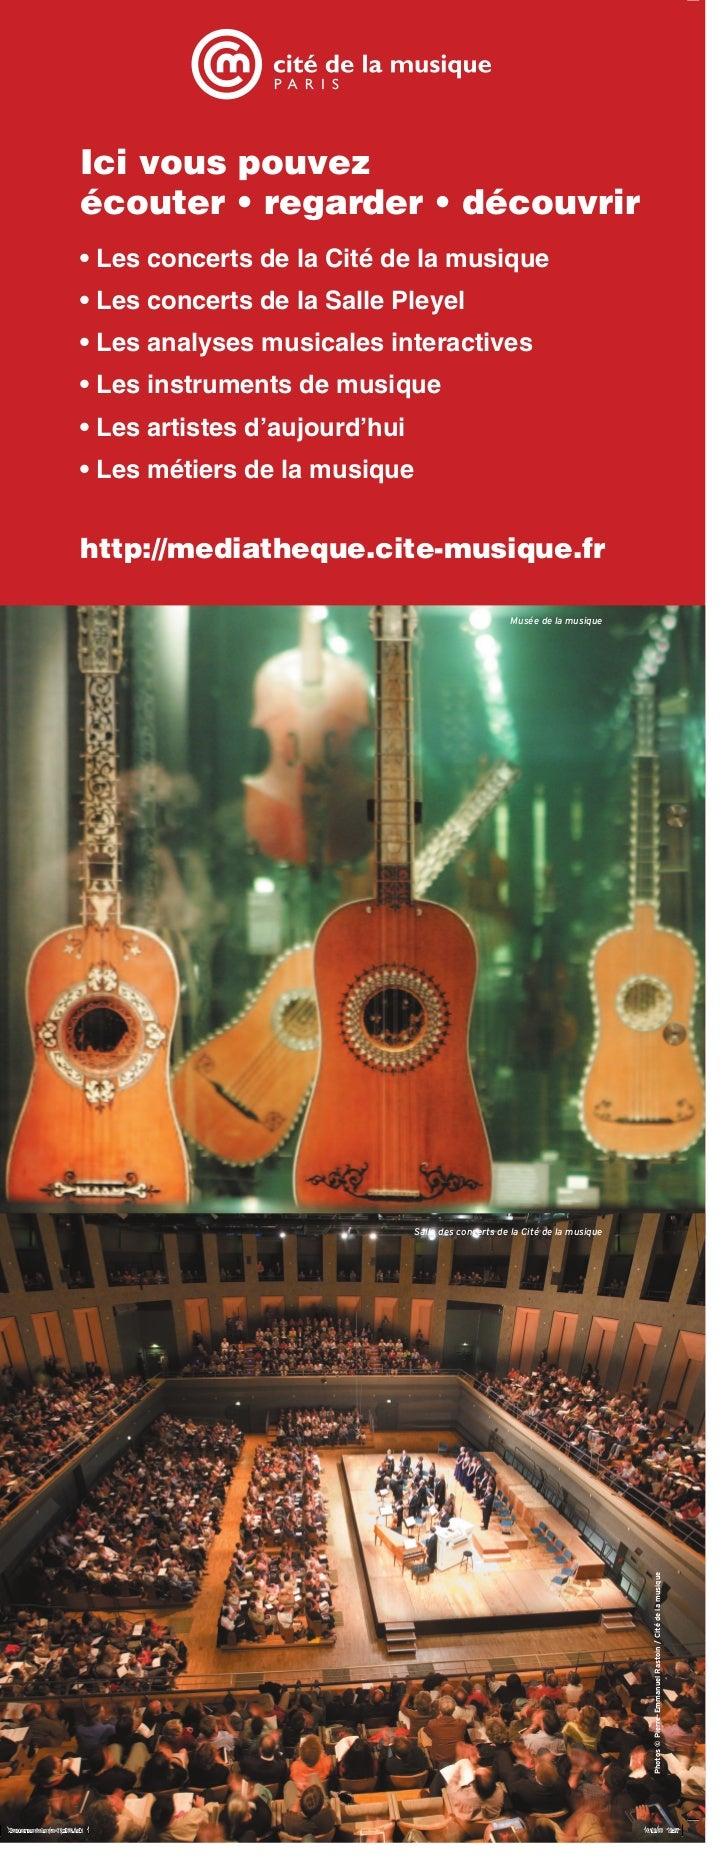 Ici vous pouvezécouter • regarder • découvrir• Les concerts de la Cité de la musique• Les concerts de la Salle Pleyel• Les...